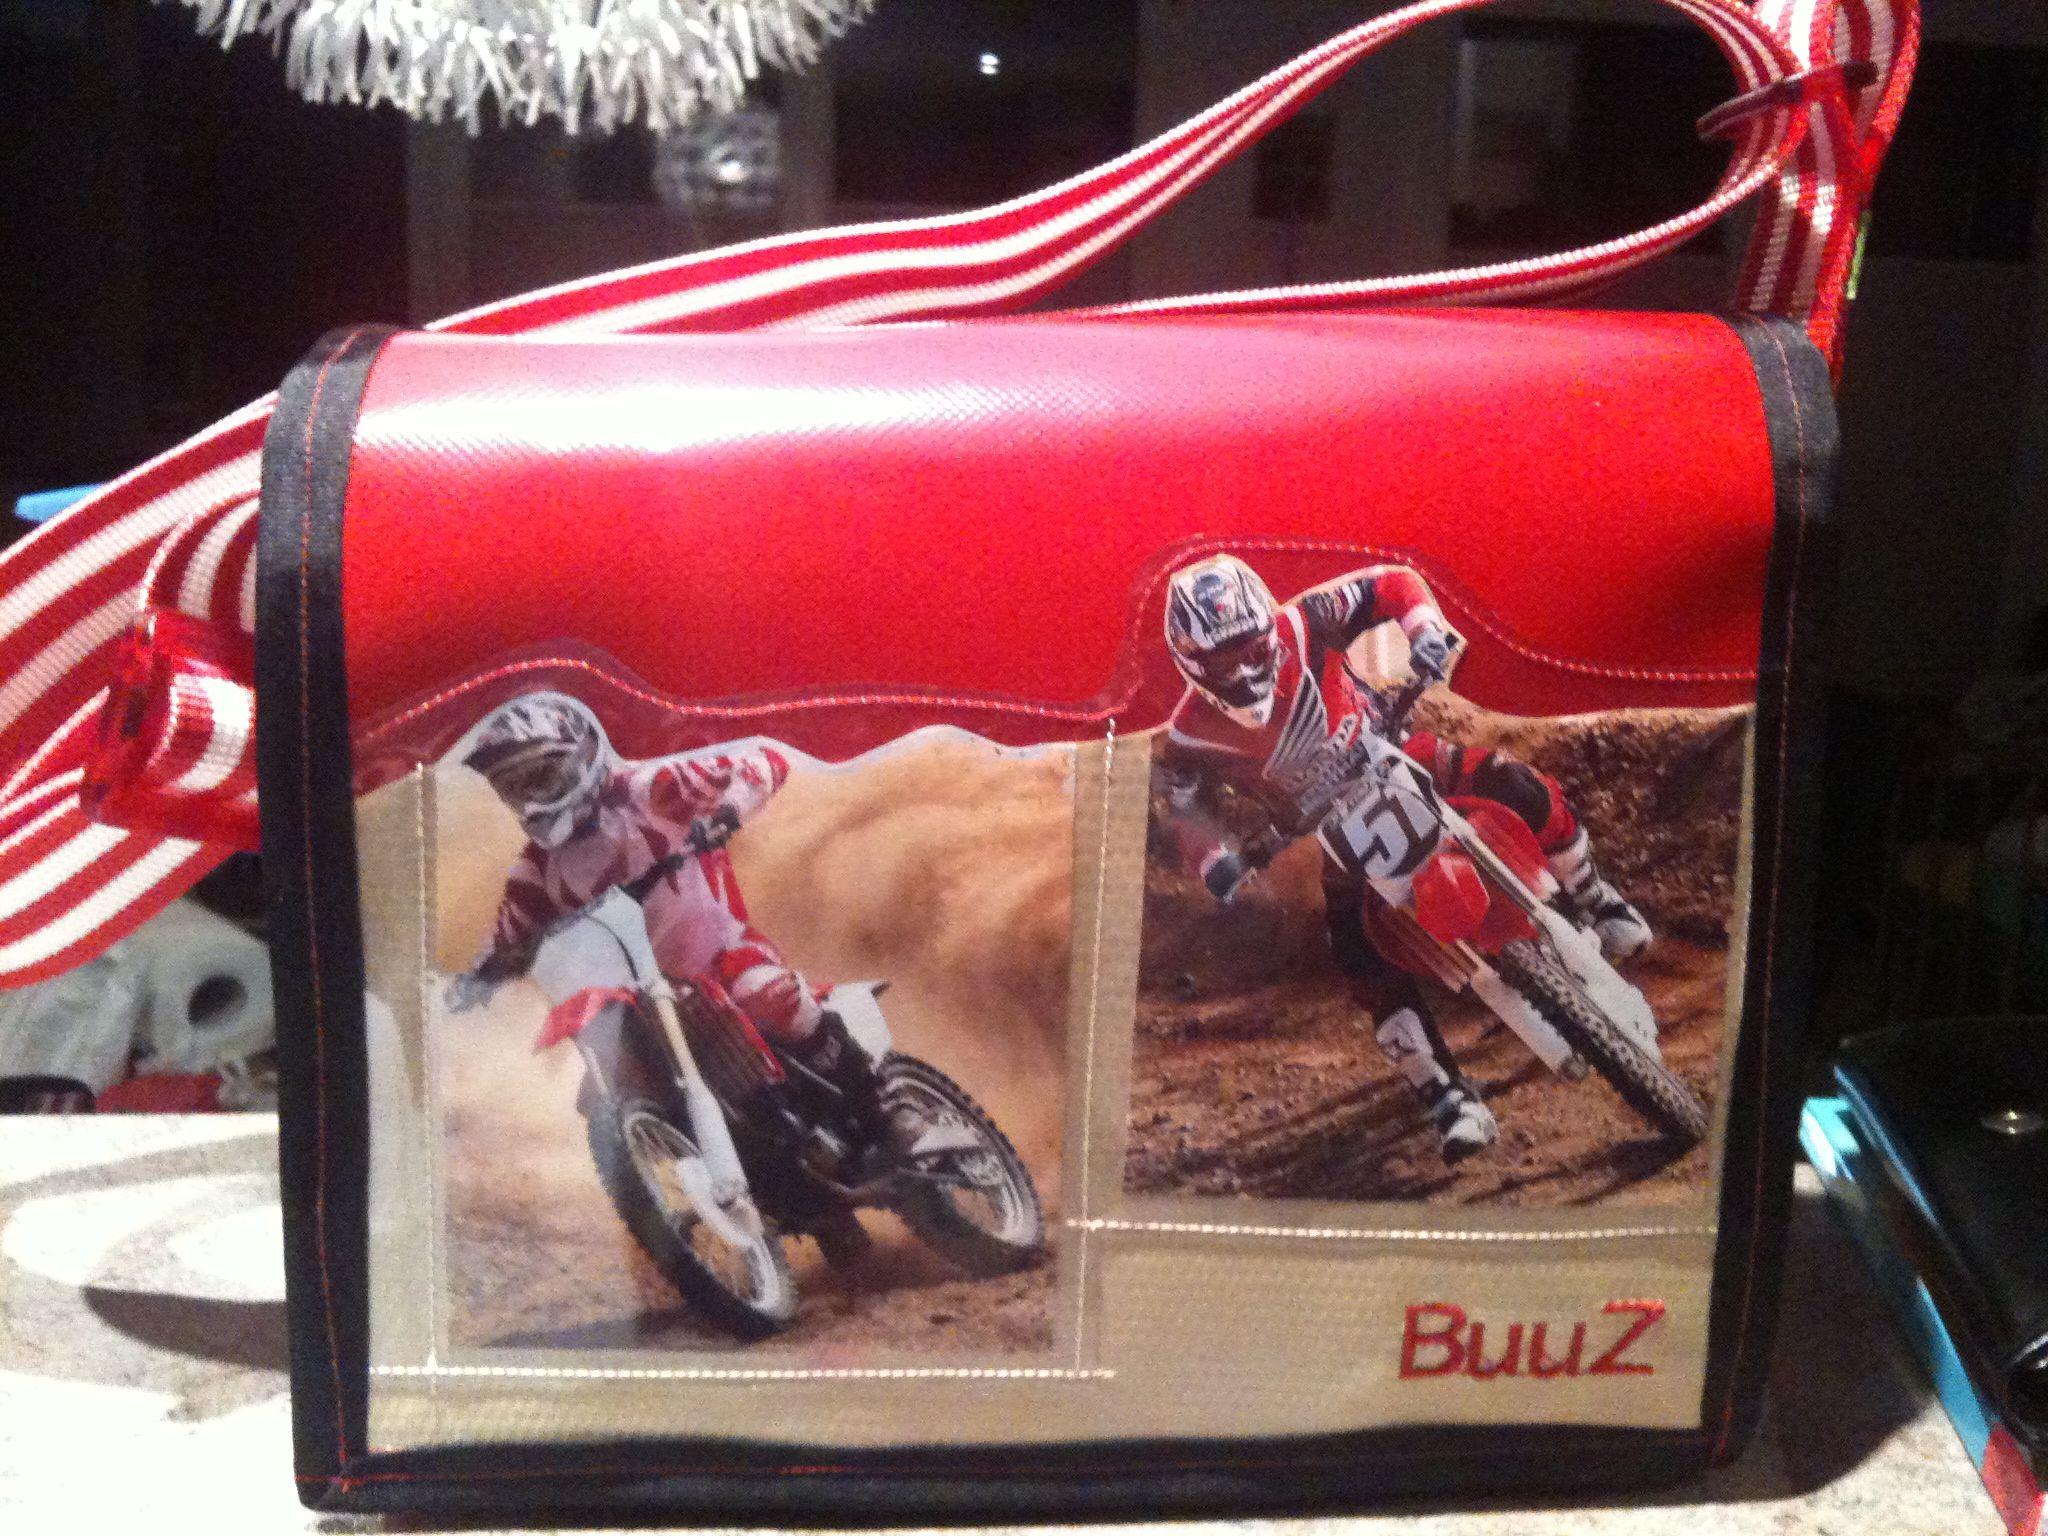 kindergartentasche... wunsch des kindes: motorräder die auf sand fahren...